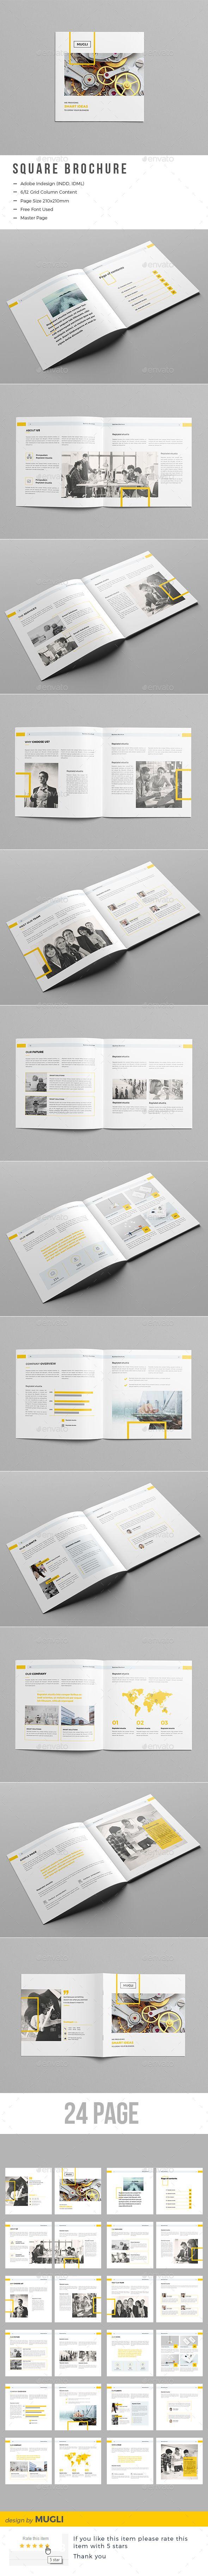 The Square Brochure | Diseño editorial, Editorial y Plantillas de ...